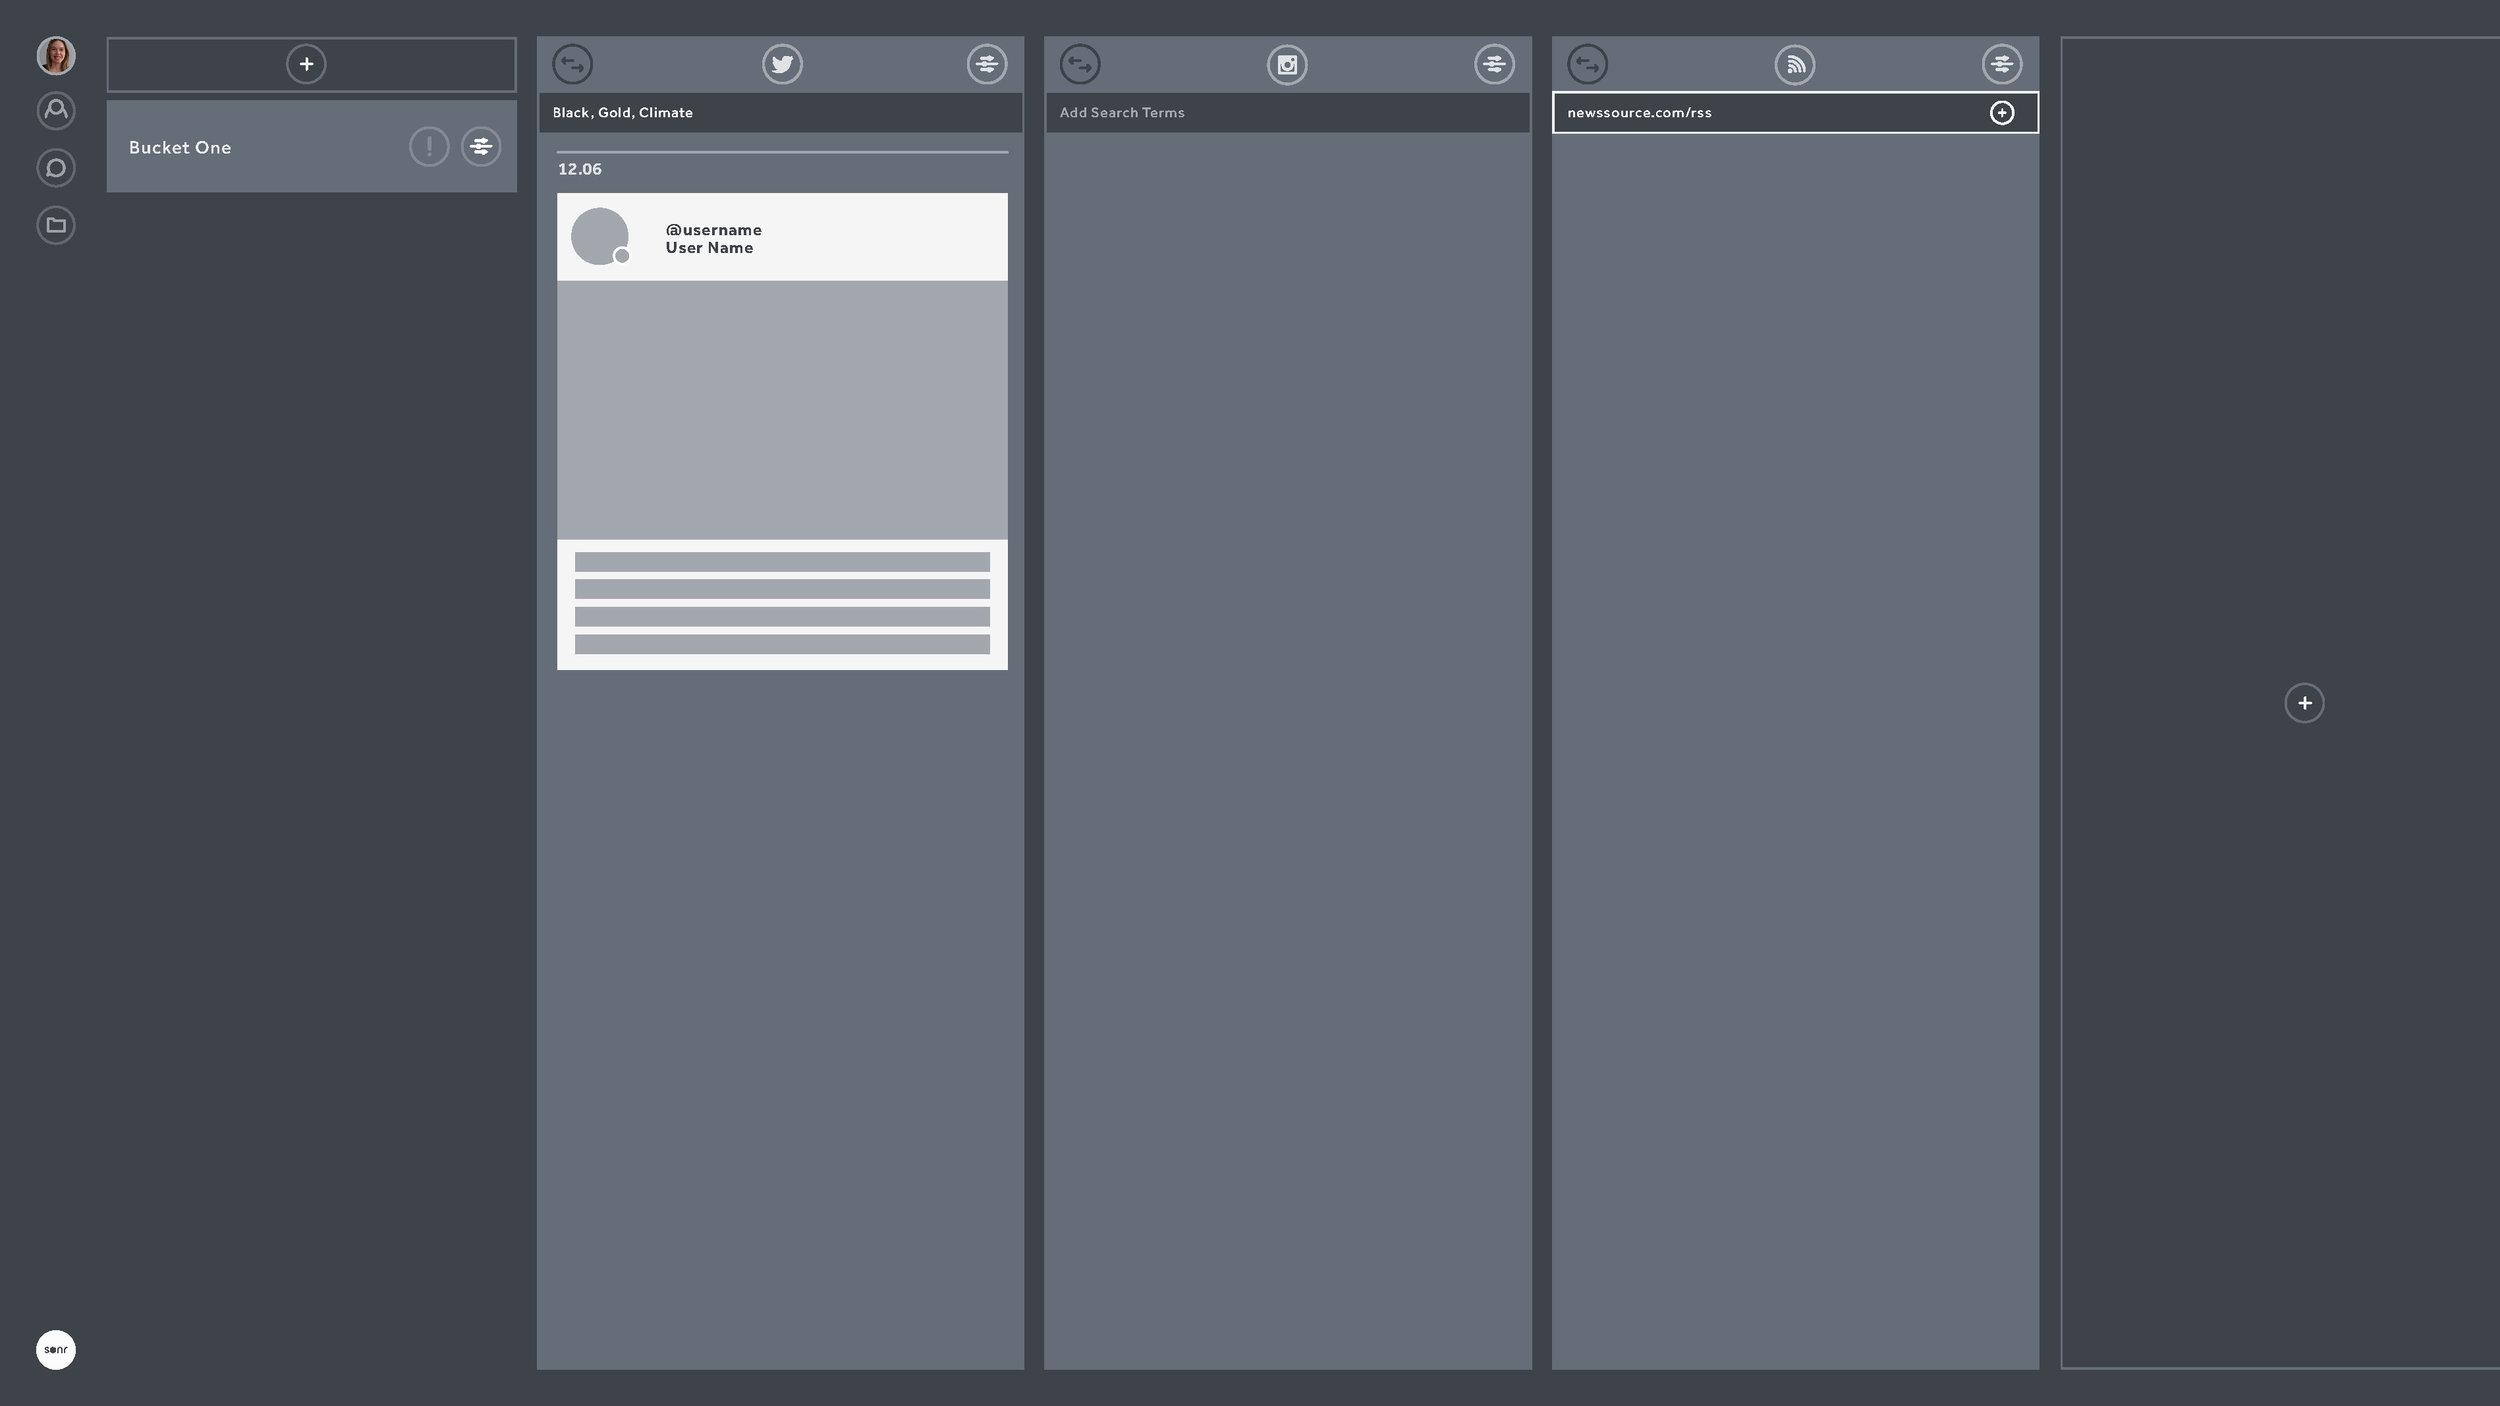 NEXTSonr_v1.5.1_Page_24.jpg